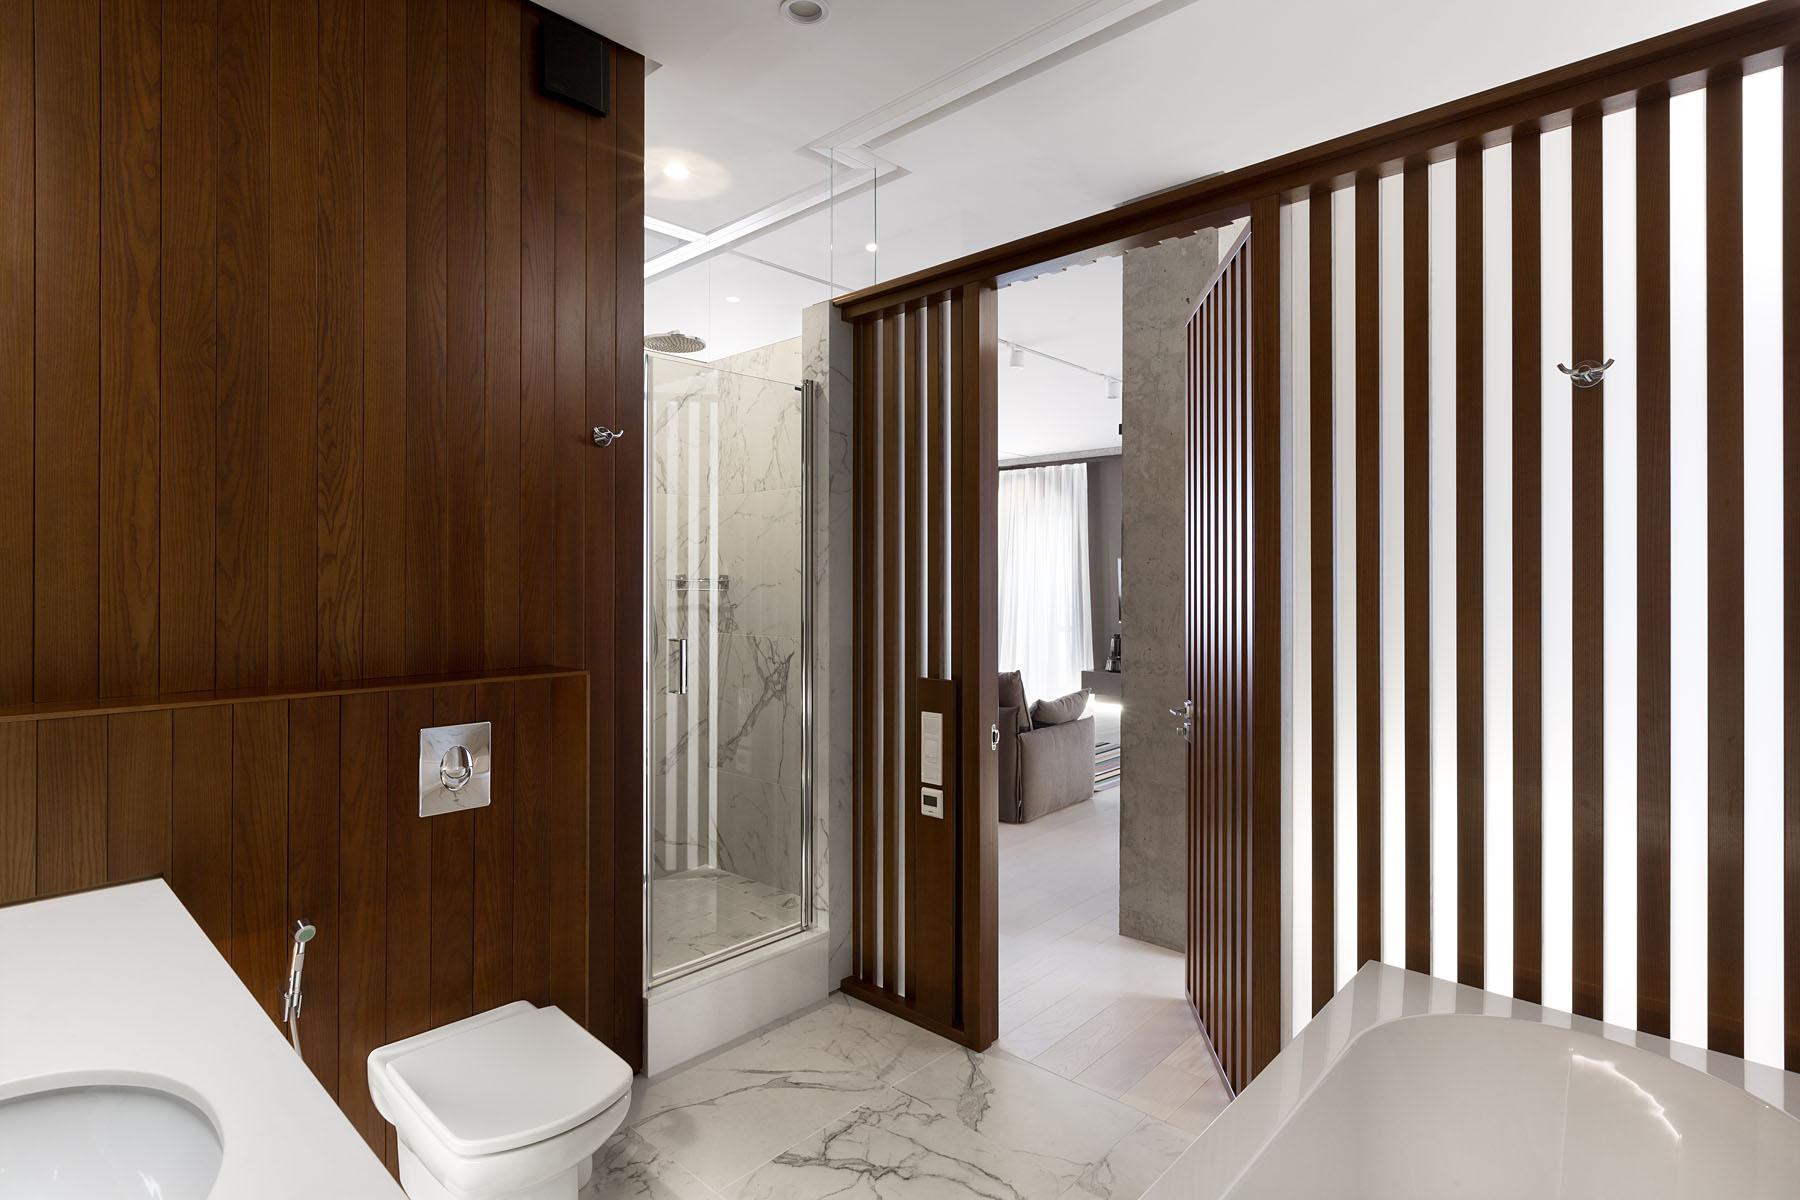 дървени панели модерен интериор_15